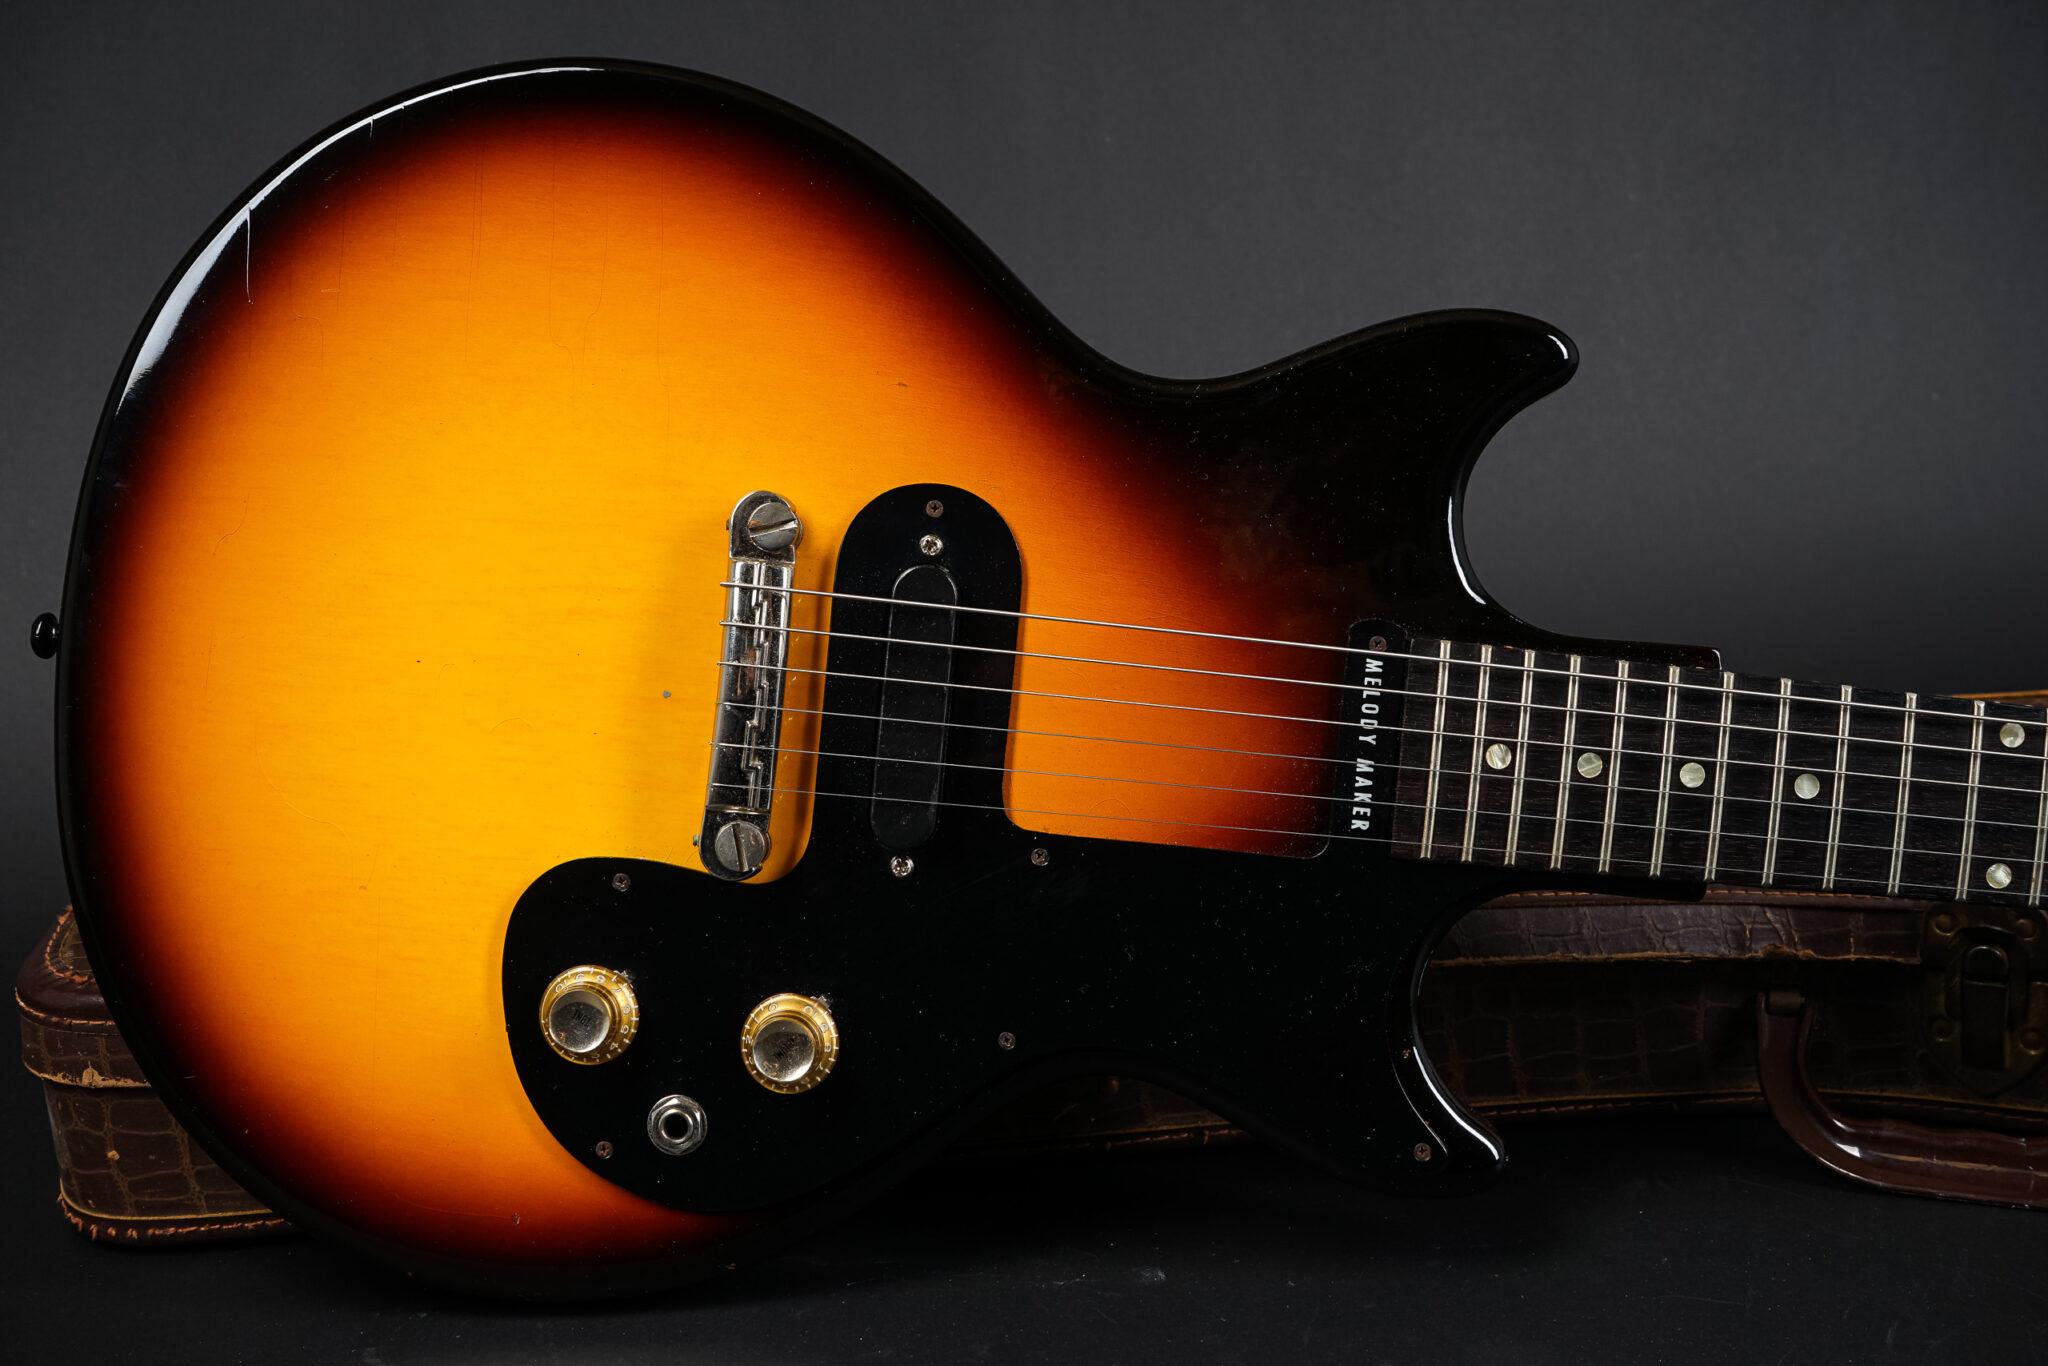 https://guitarpoint.de/app/uploads/products/1964-gibson-melody-maker-sunburst/1964-Gibson-melody-Maker-221913-8-2048x1366.jpg